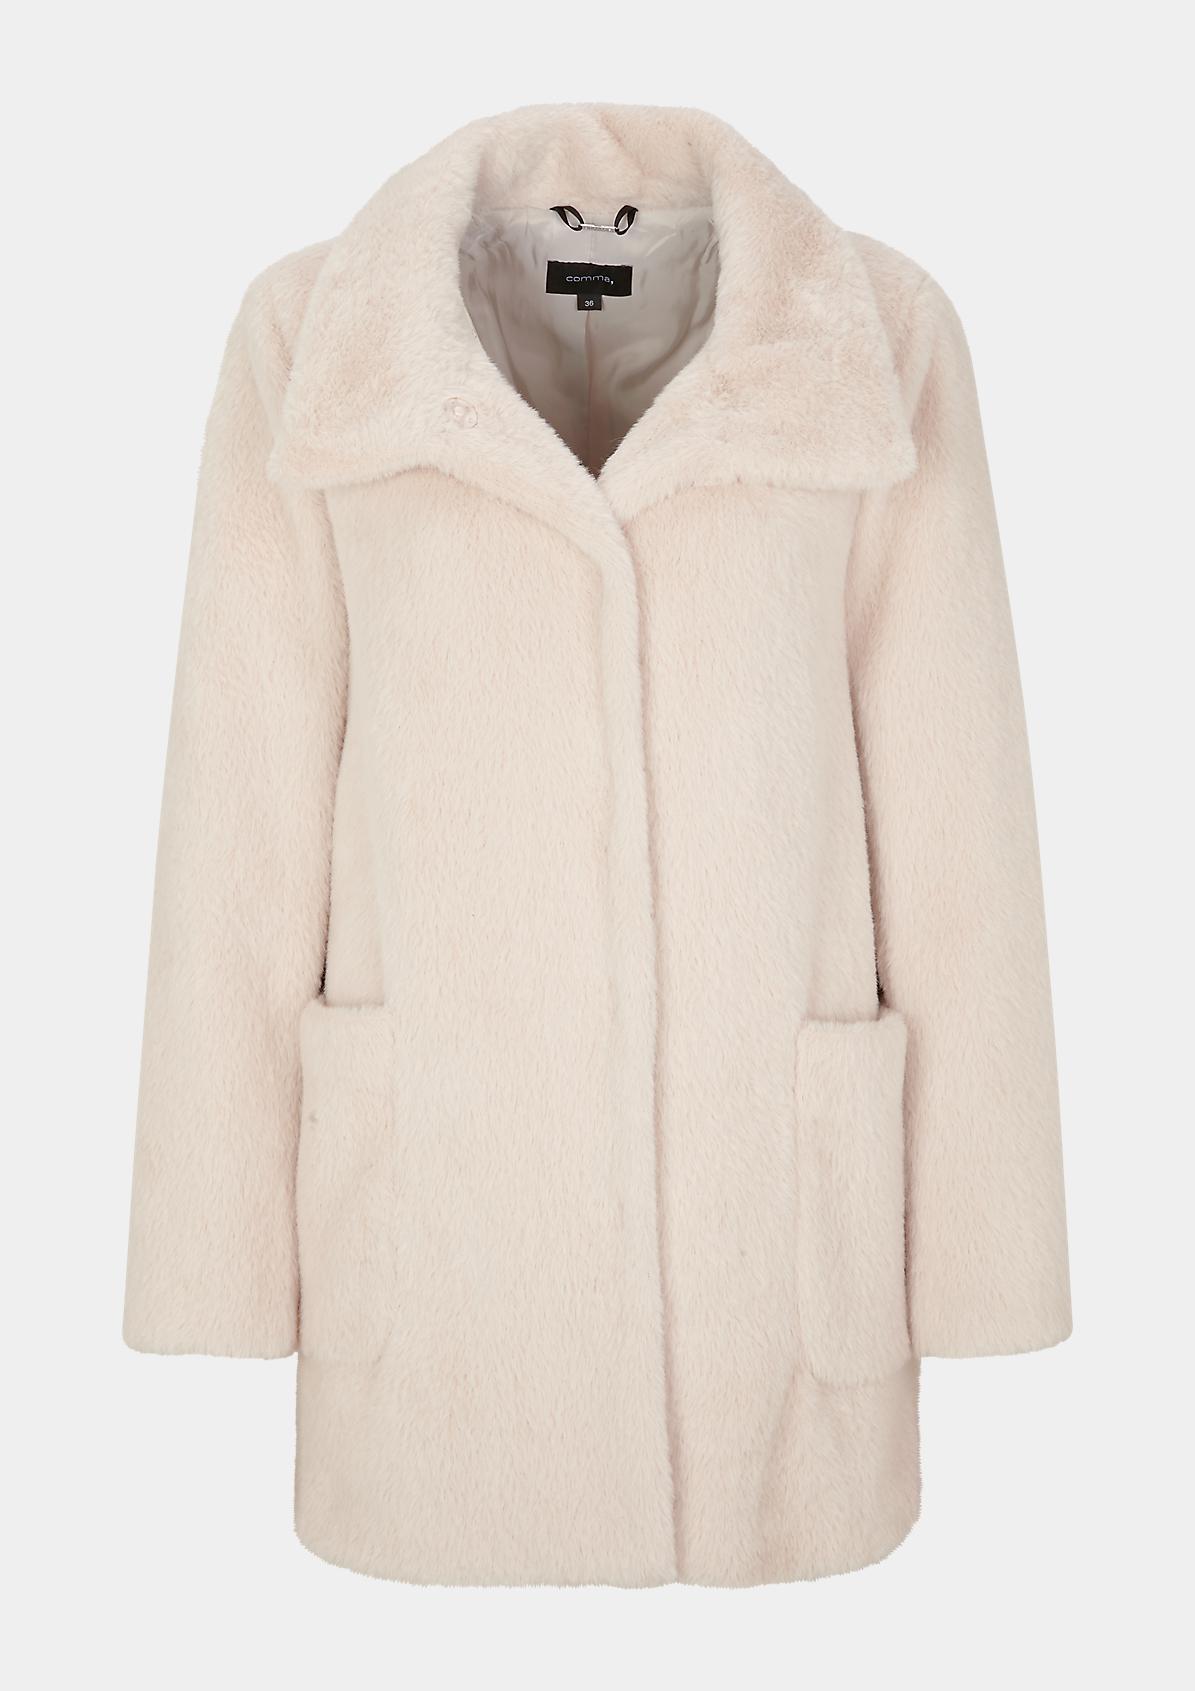 Kuschelige Jacke mit Stehkragen